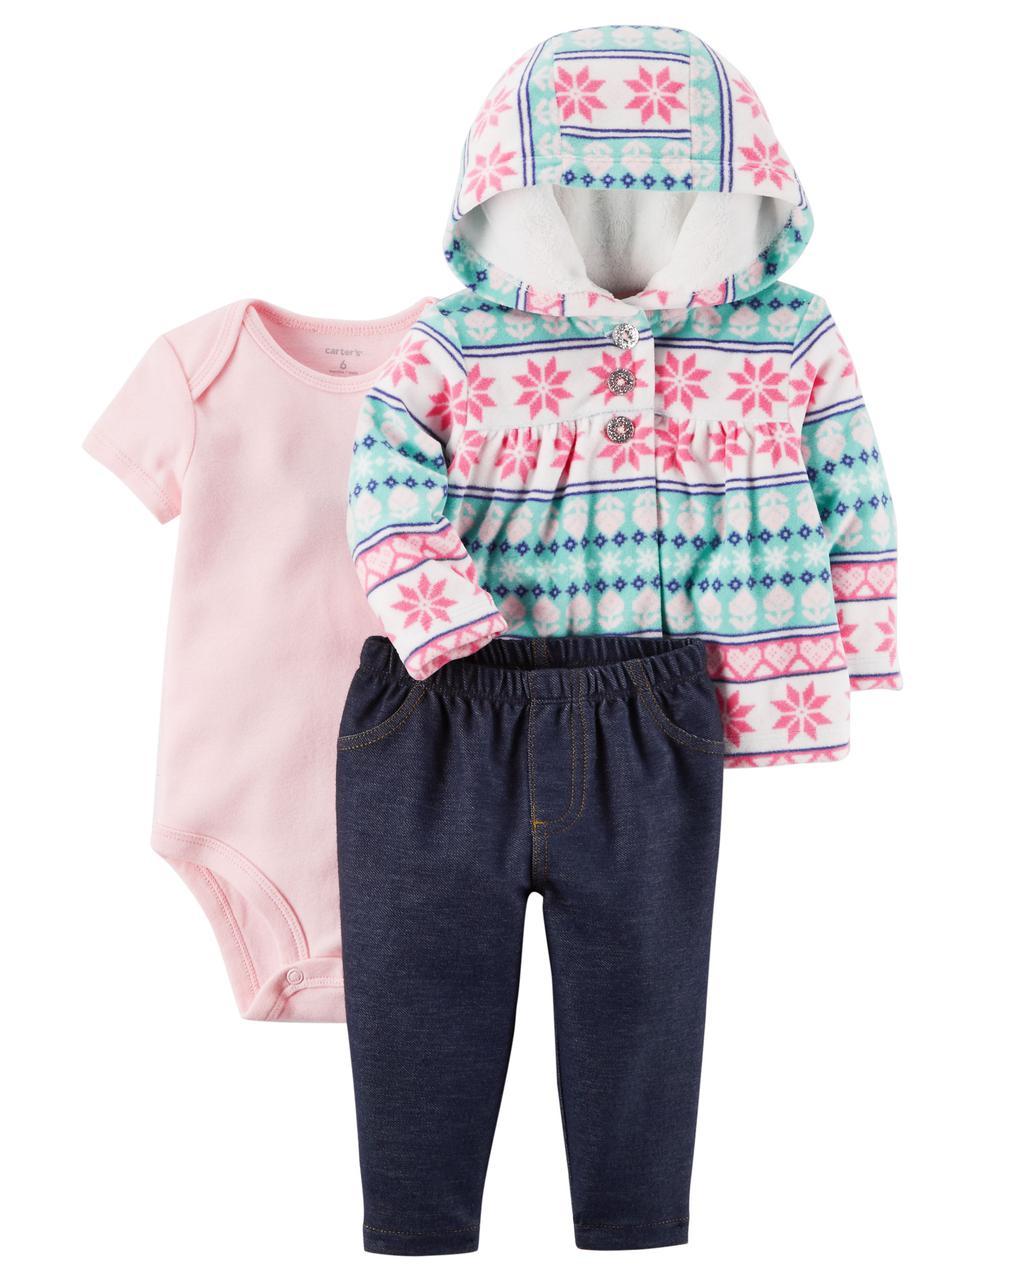 Набор из 3-х предметов Картерс(Carter's) для девочки, розовый